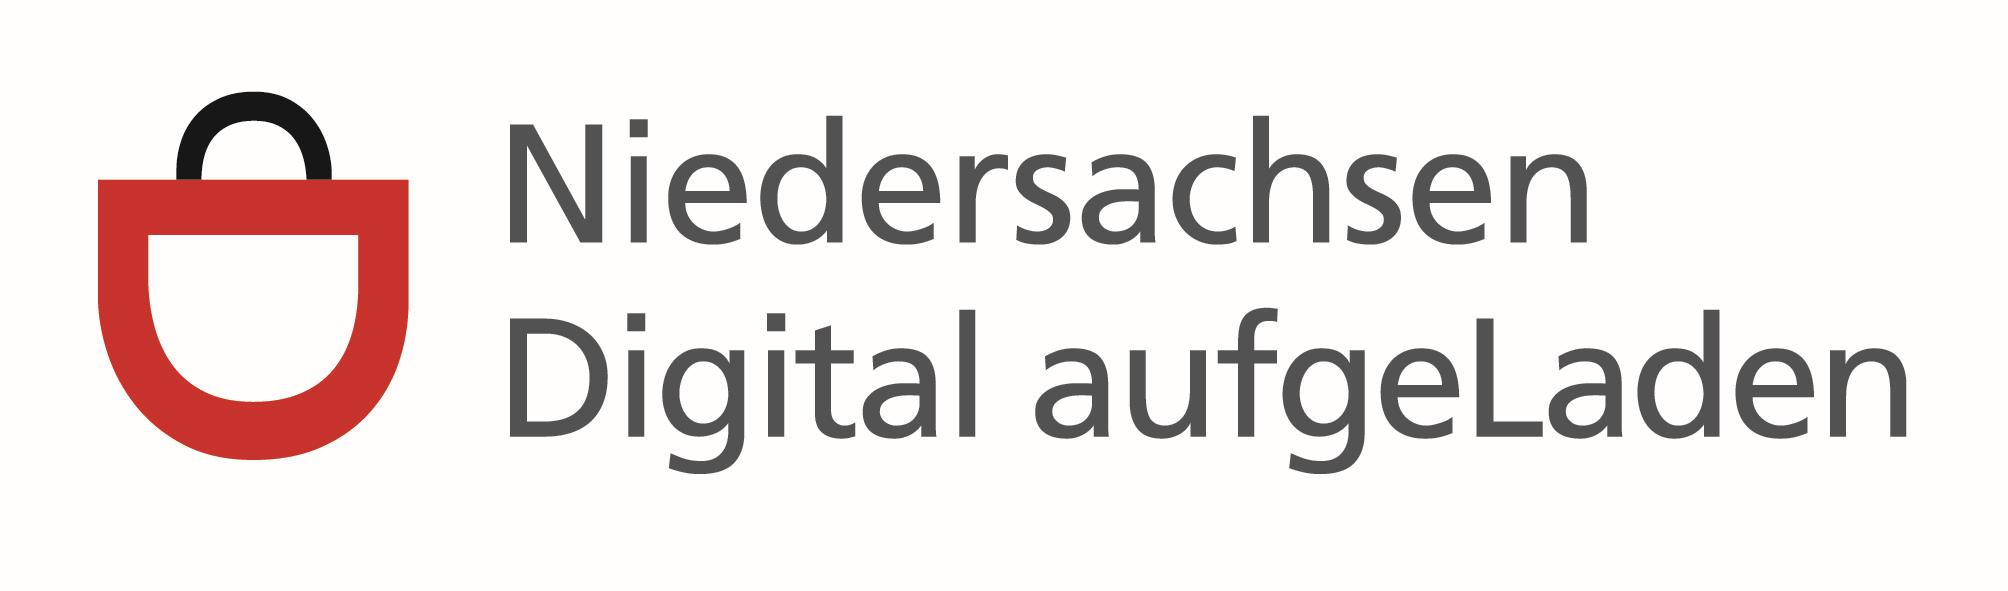 Niedersachsen Digital aufgeLaden - Beratungs-Förderung für den stationären Einzelhandel